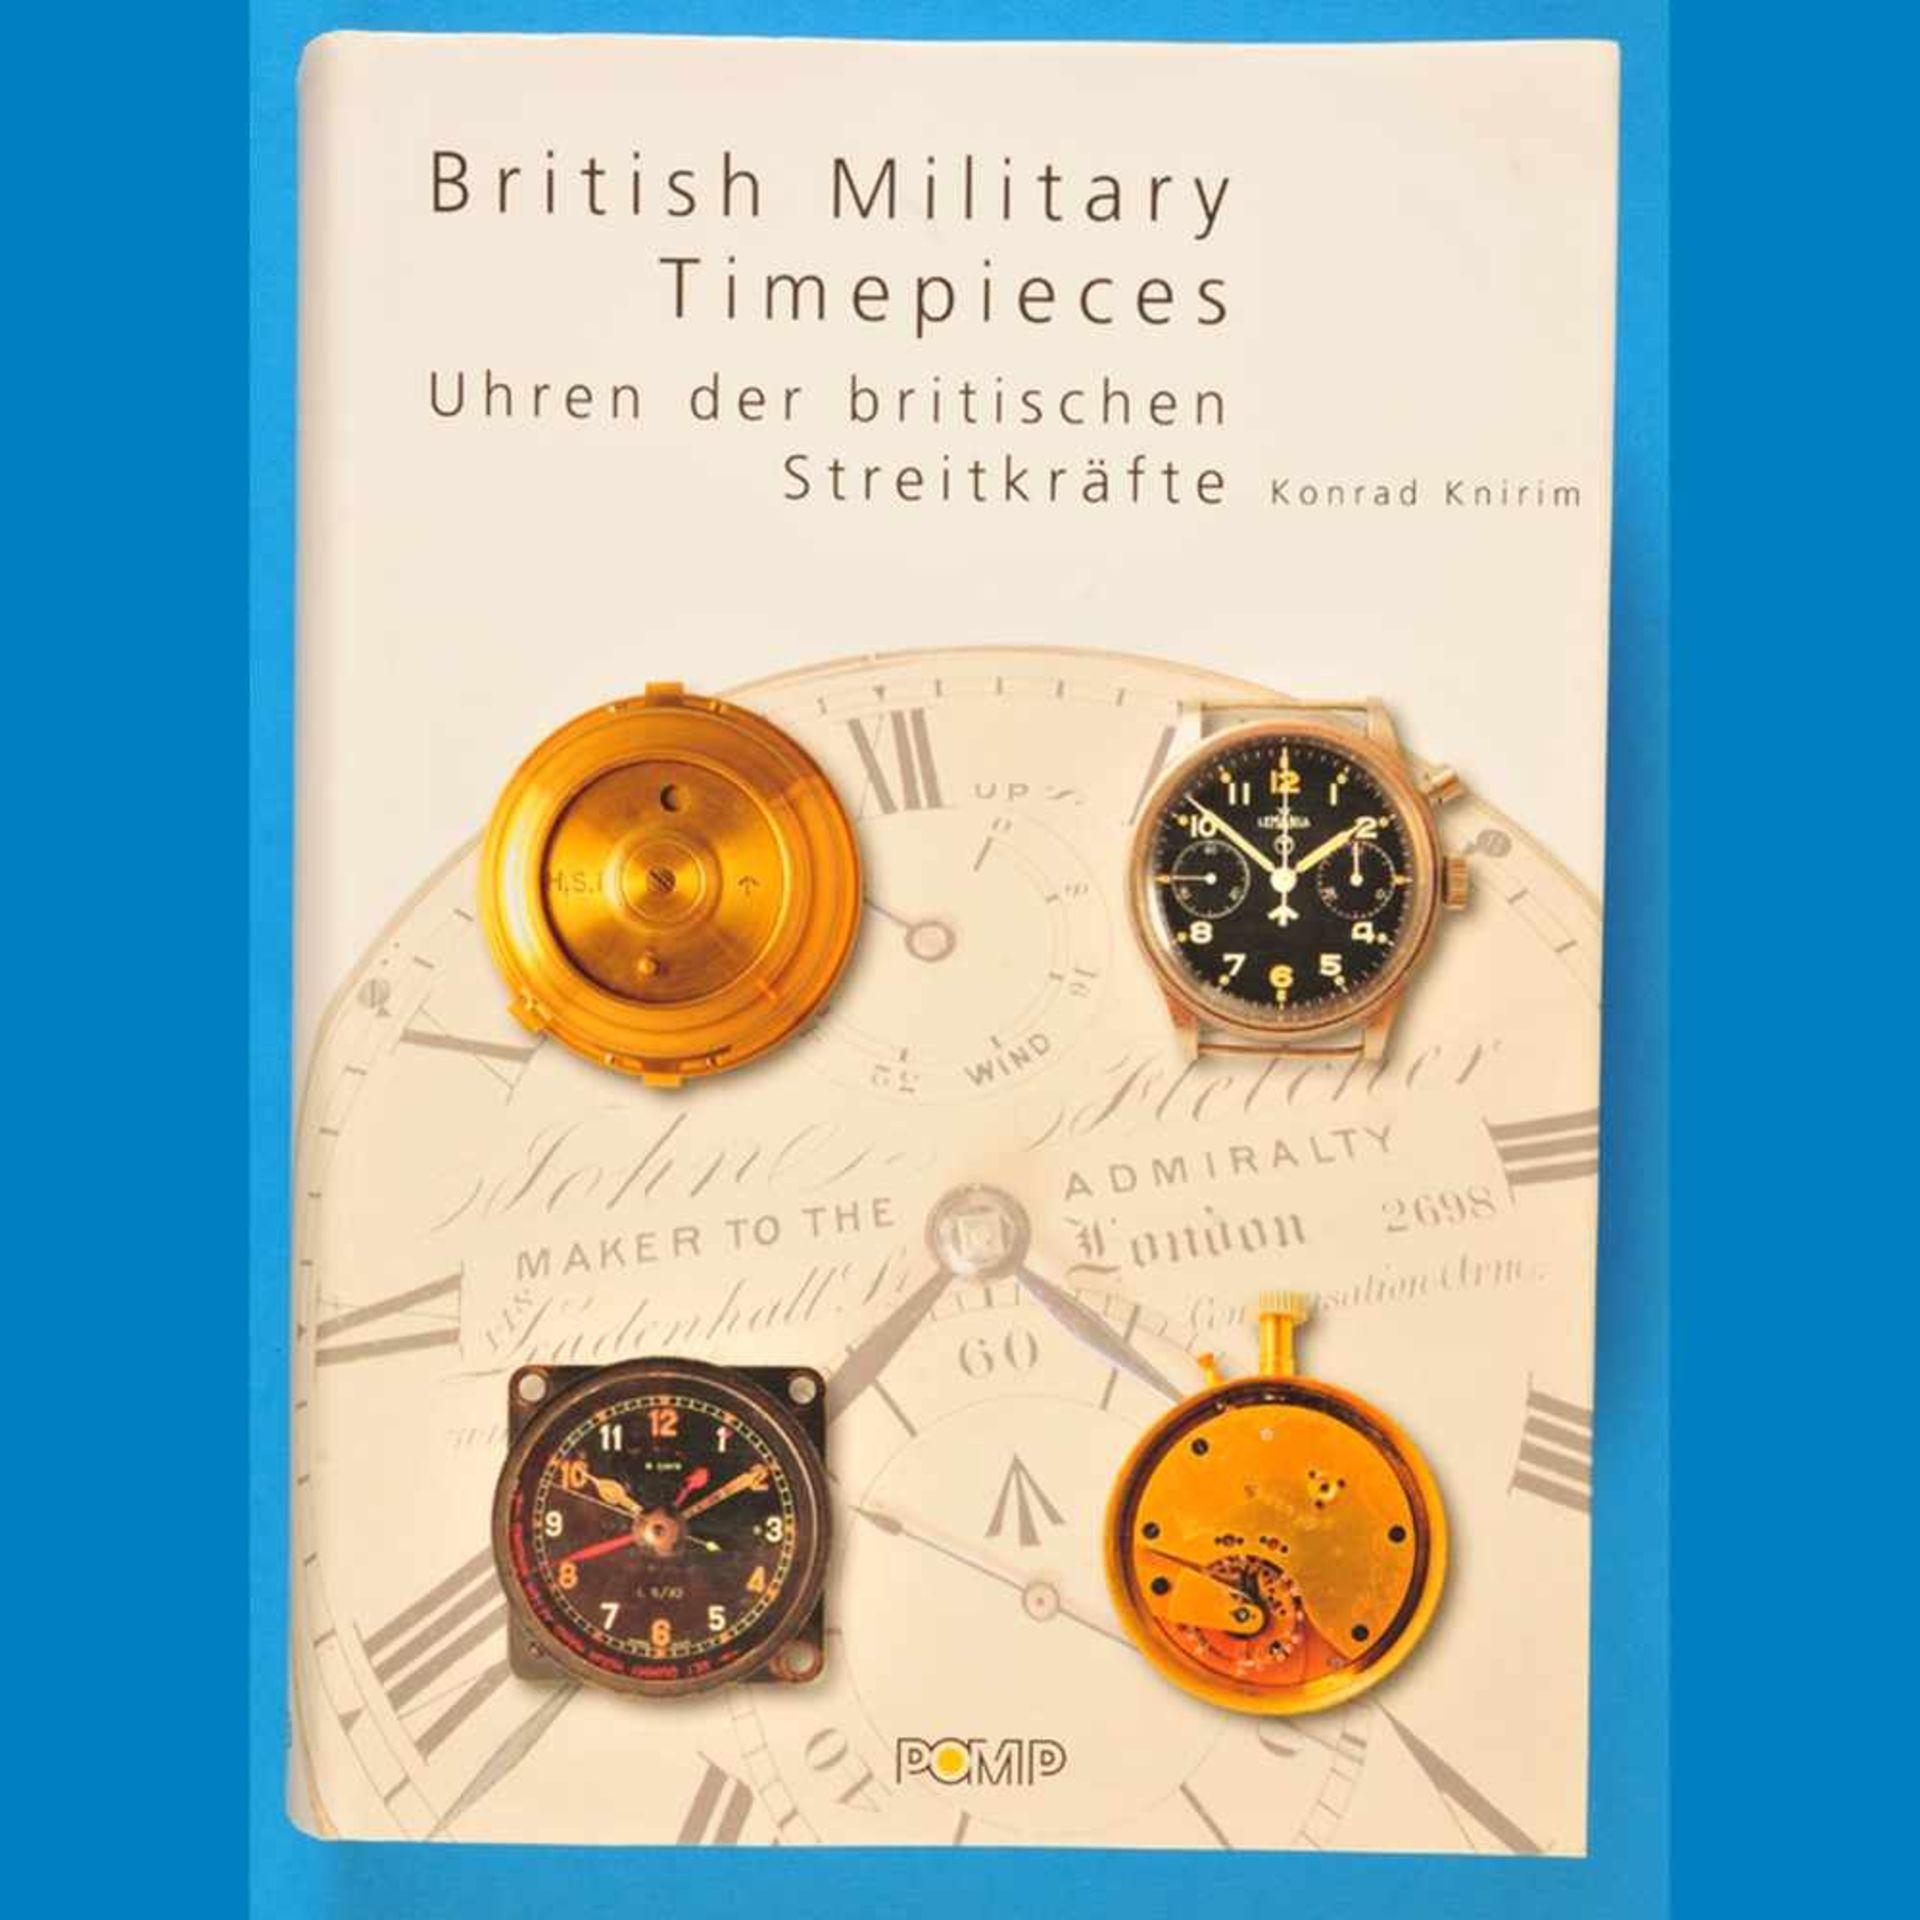 Konrad Knirim, British Military Timepieces – Uhren der britischen Streitkräfte, Band II, 2009<b